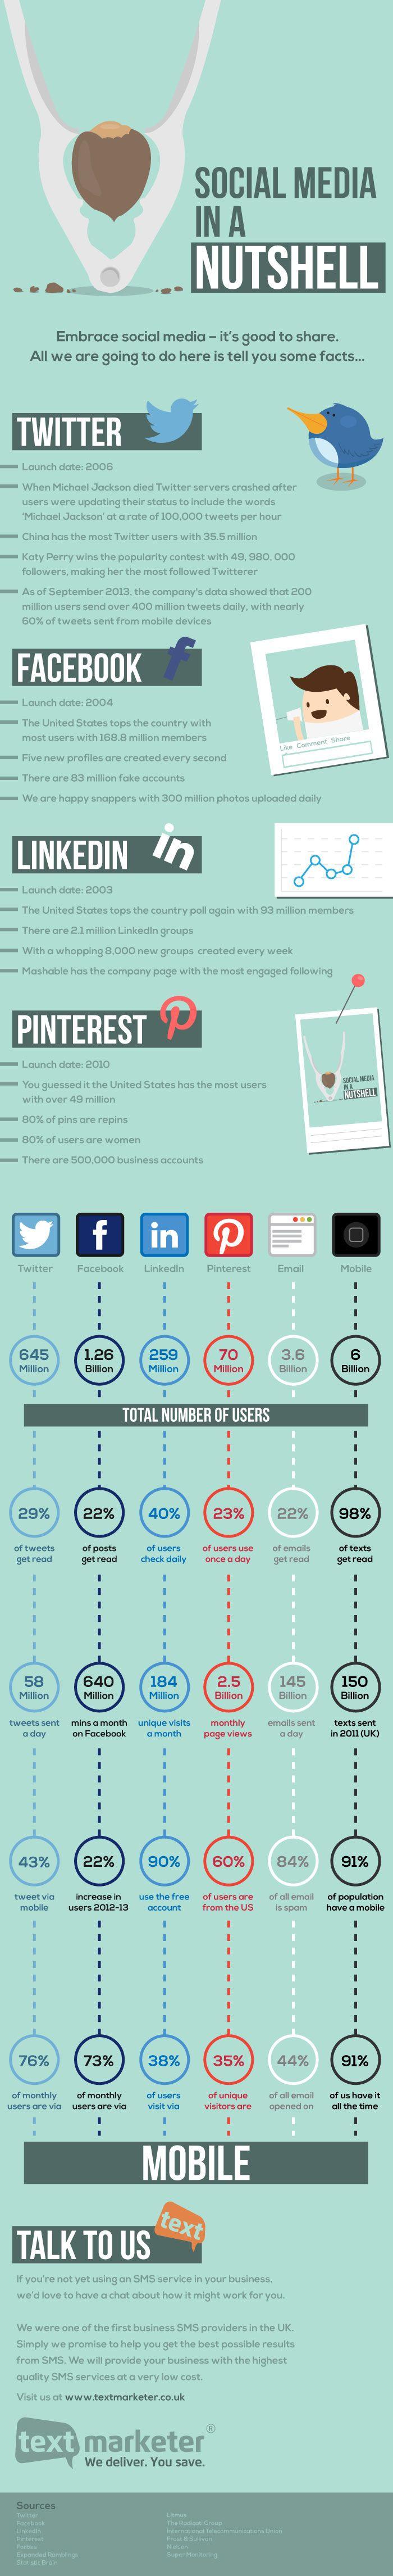 SOCIAL MEDIA -         Social Media in a Nutshell [infographic] via hosting.ber-art.nl.